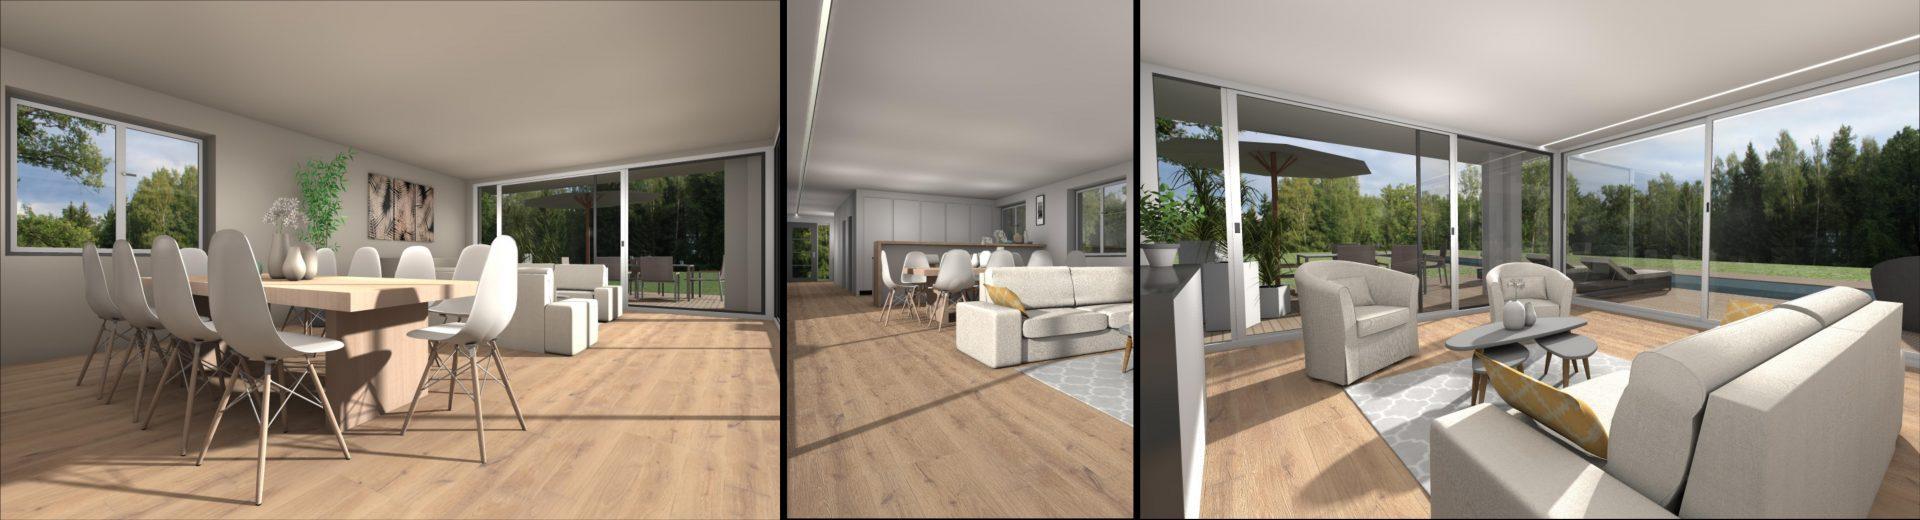 Construction d'une maison avec piscine à La Wantzenau